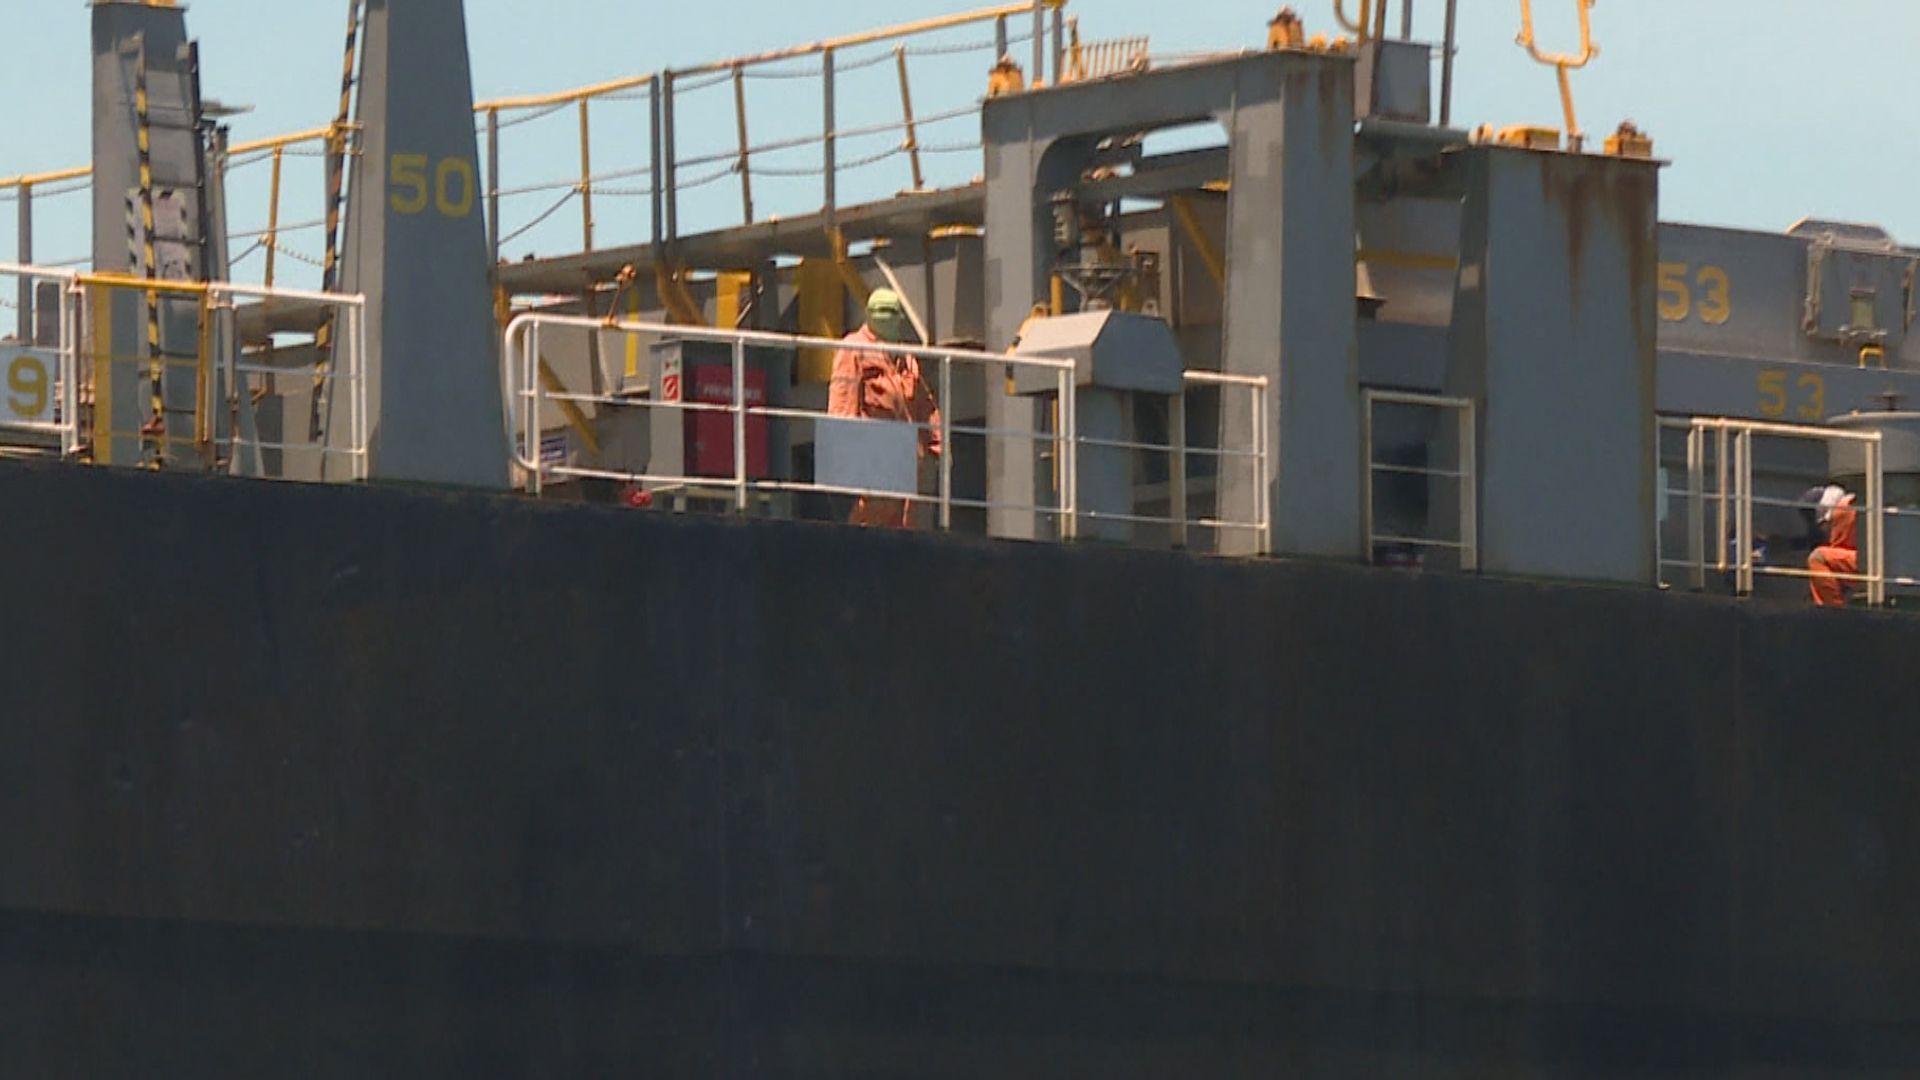 定期班輪協會:船員有必要來港輪換保障航行安全